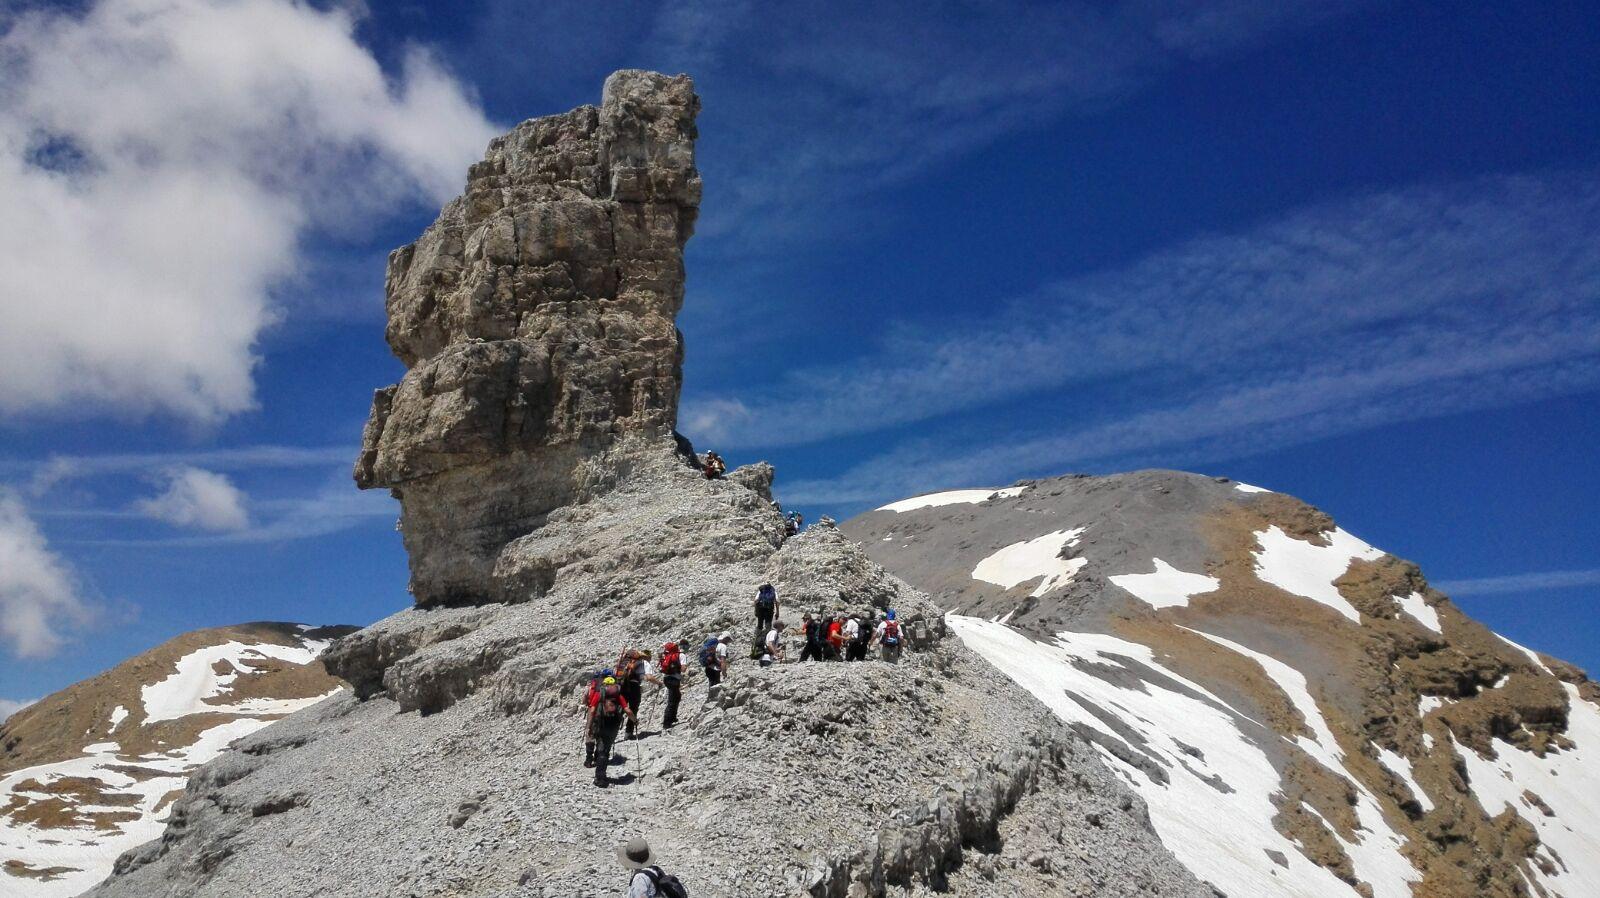 Ascensión al TAILLÓN (3146m.) - Brecha de Rolando (Desde Bujaruelo)